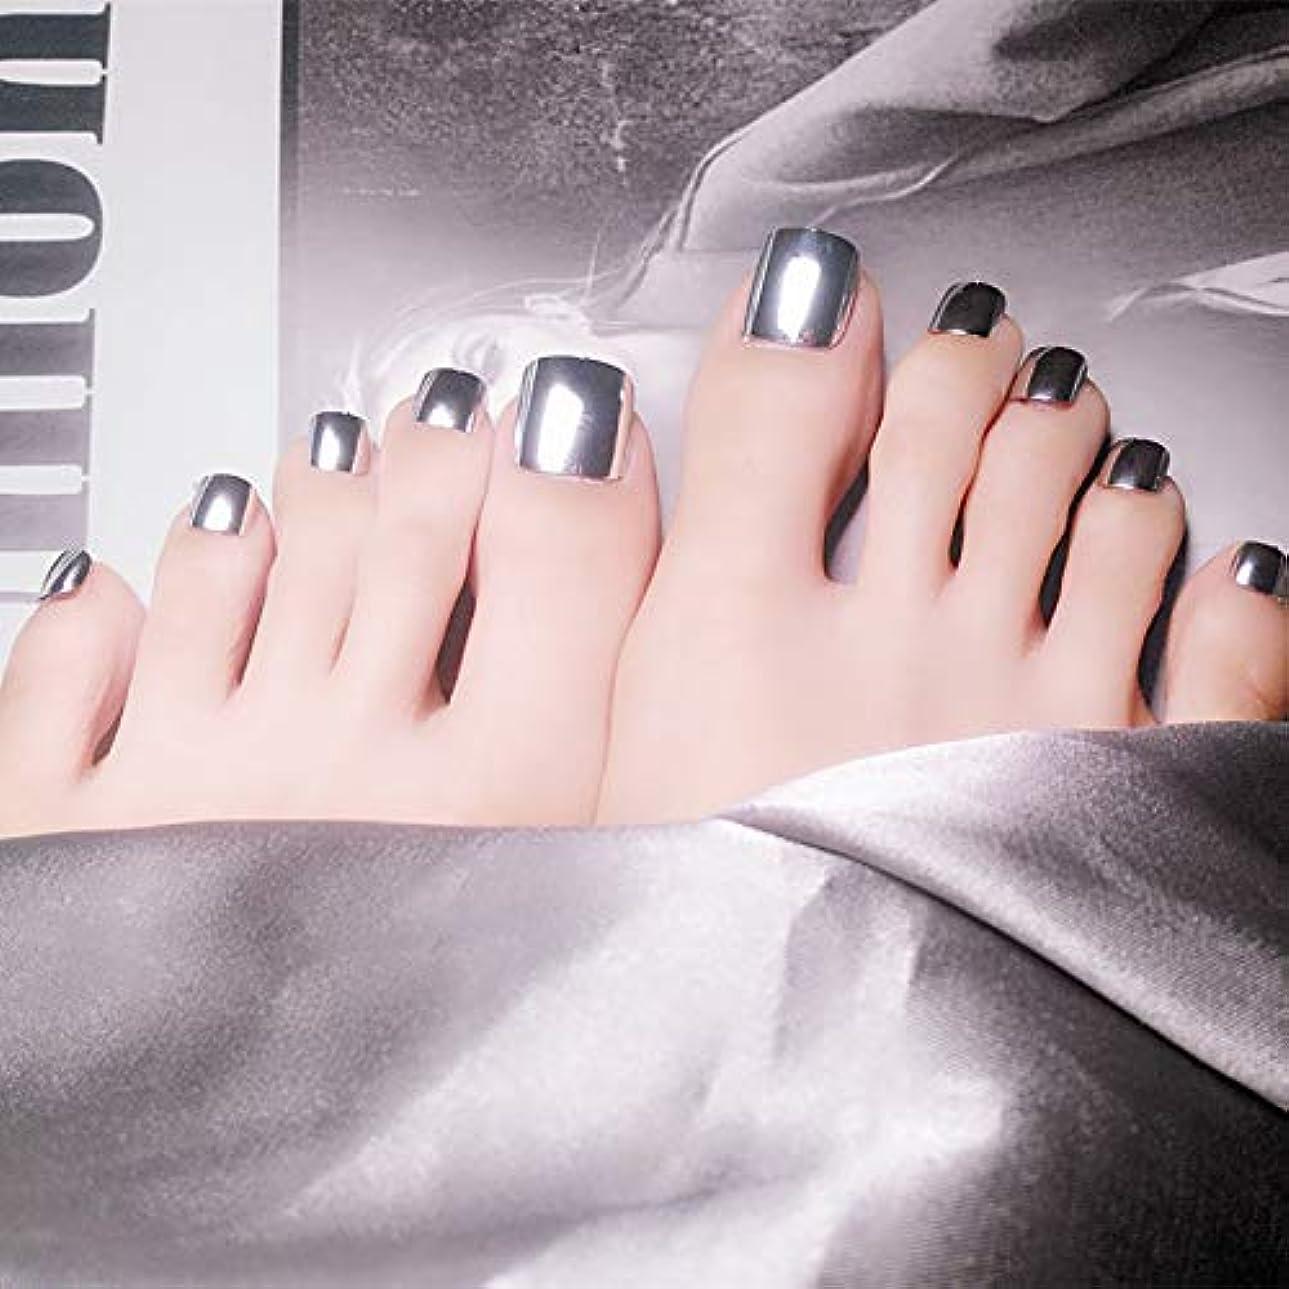 足用 手作りネイルチップ 欧米で流行るパンク風付け爪 24枚付け爪 フラットヘッド 銀 海辺